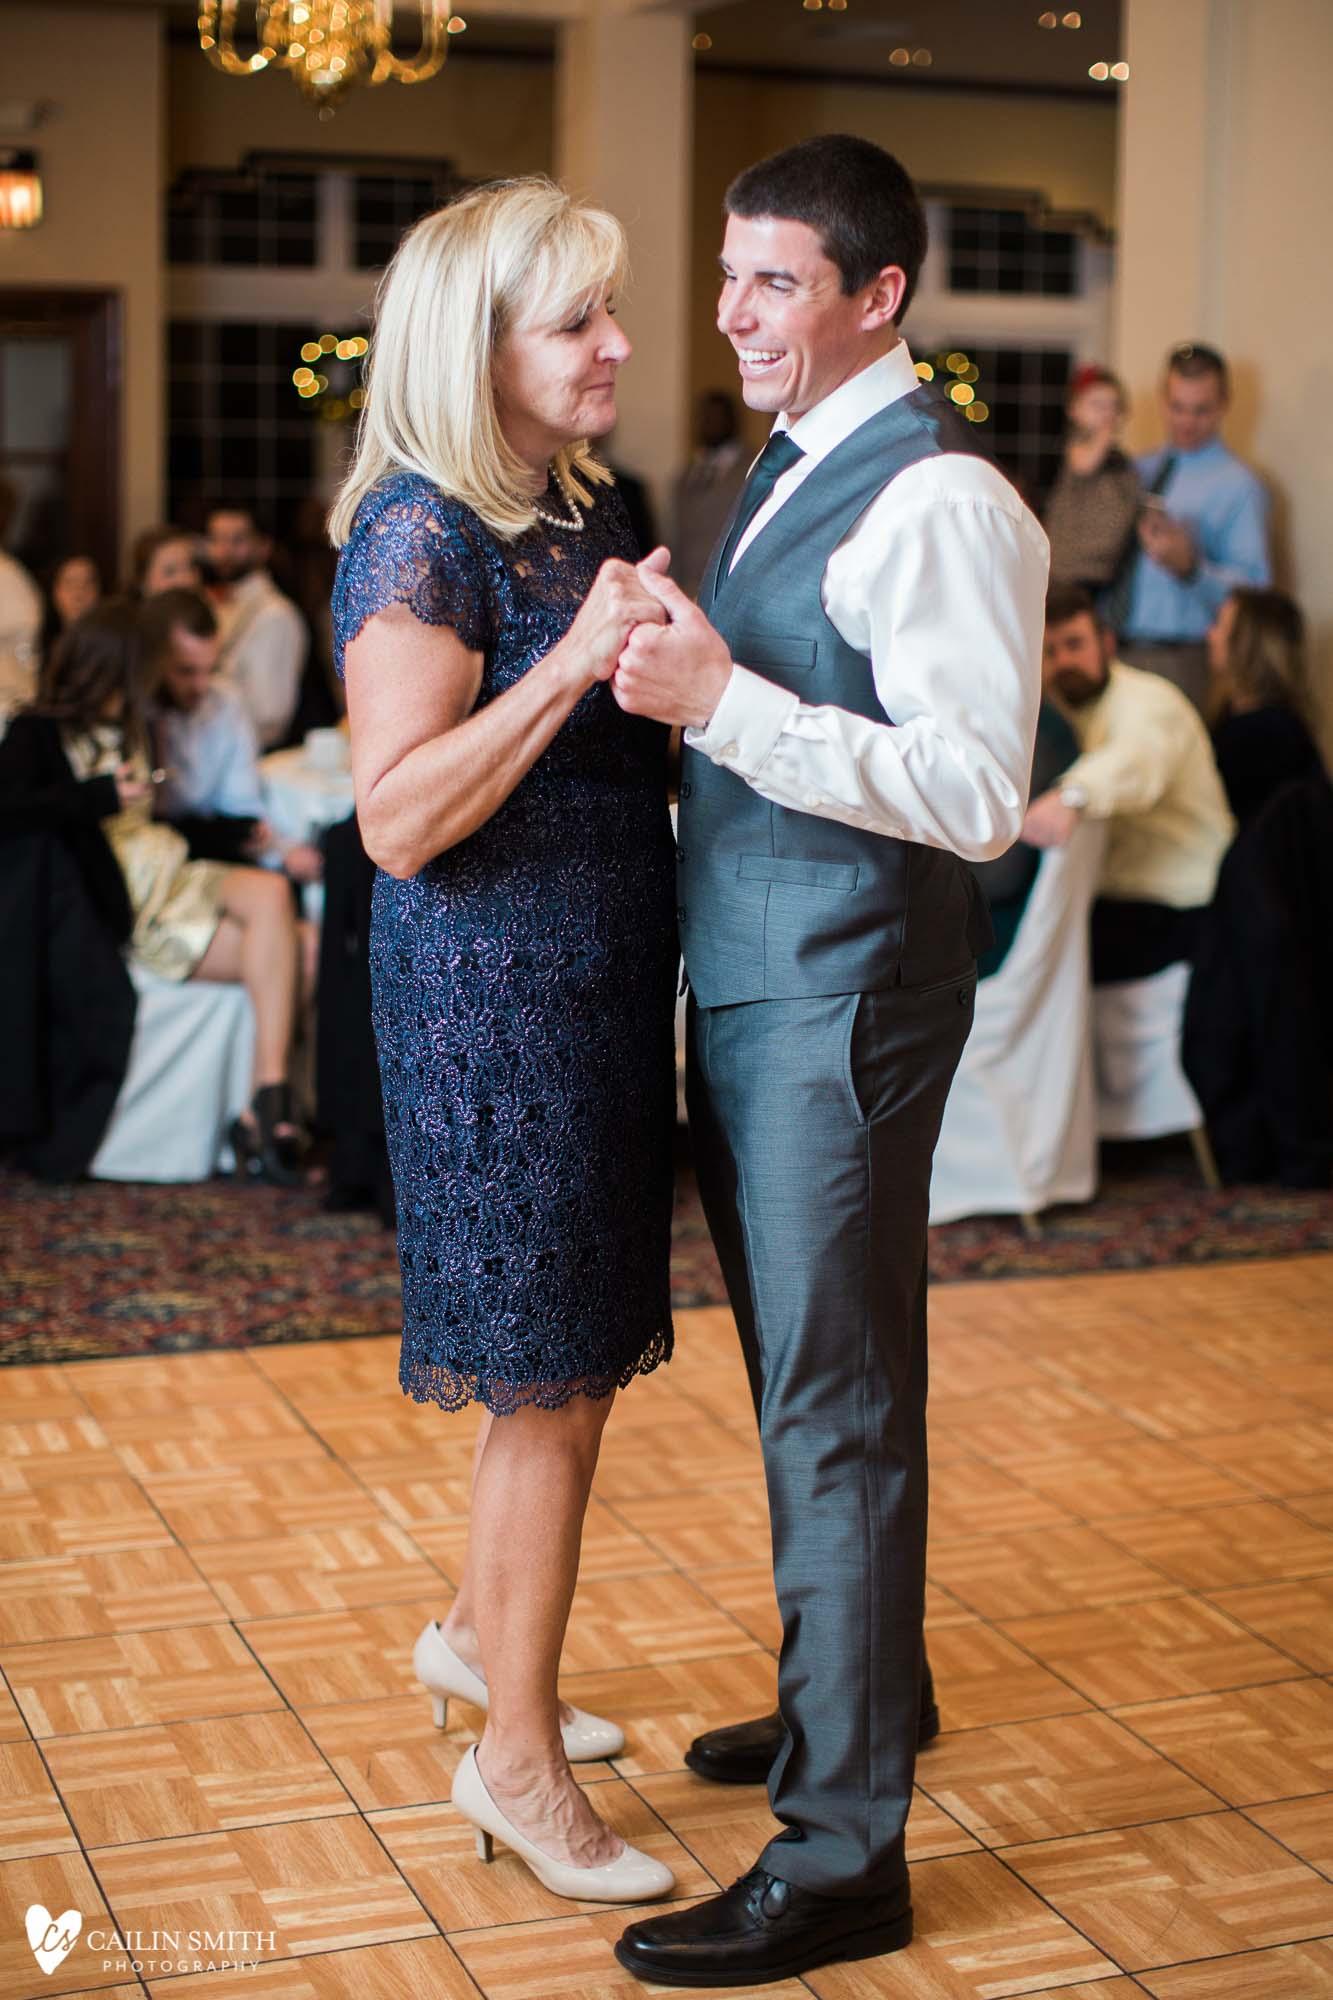 Leah_Major_St_Marys_Wedding_Photography_108.jpg